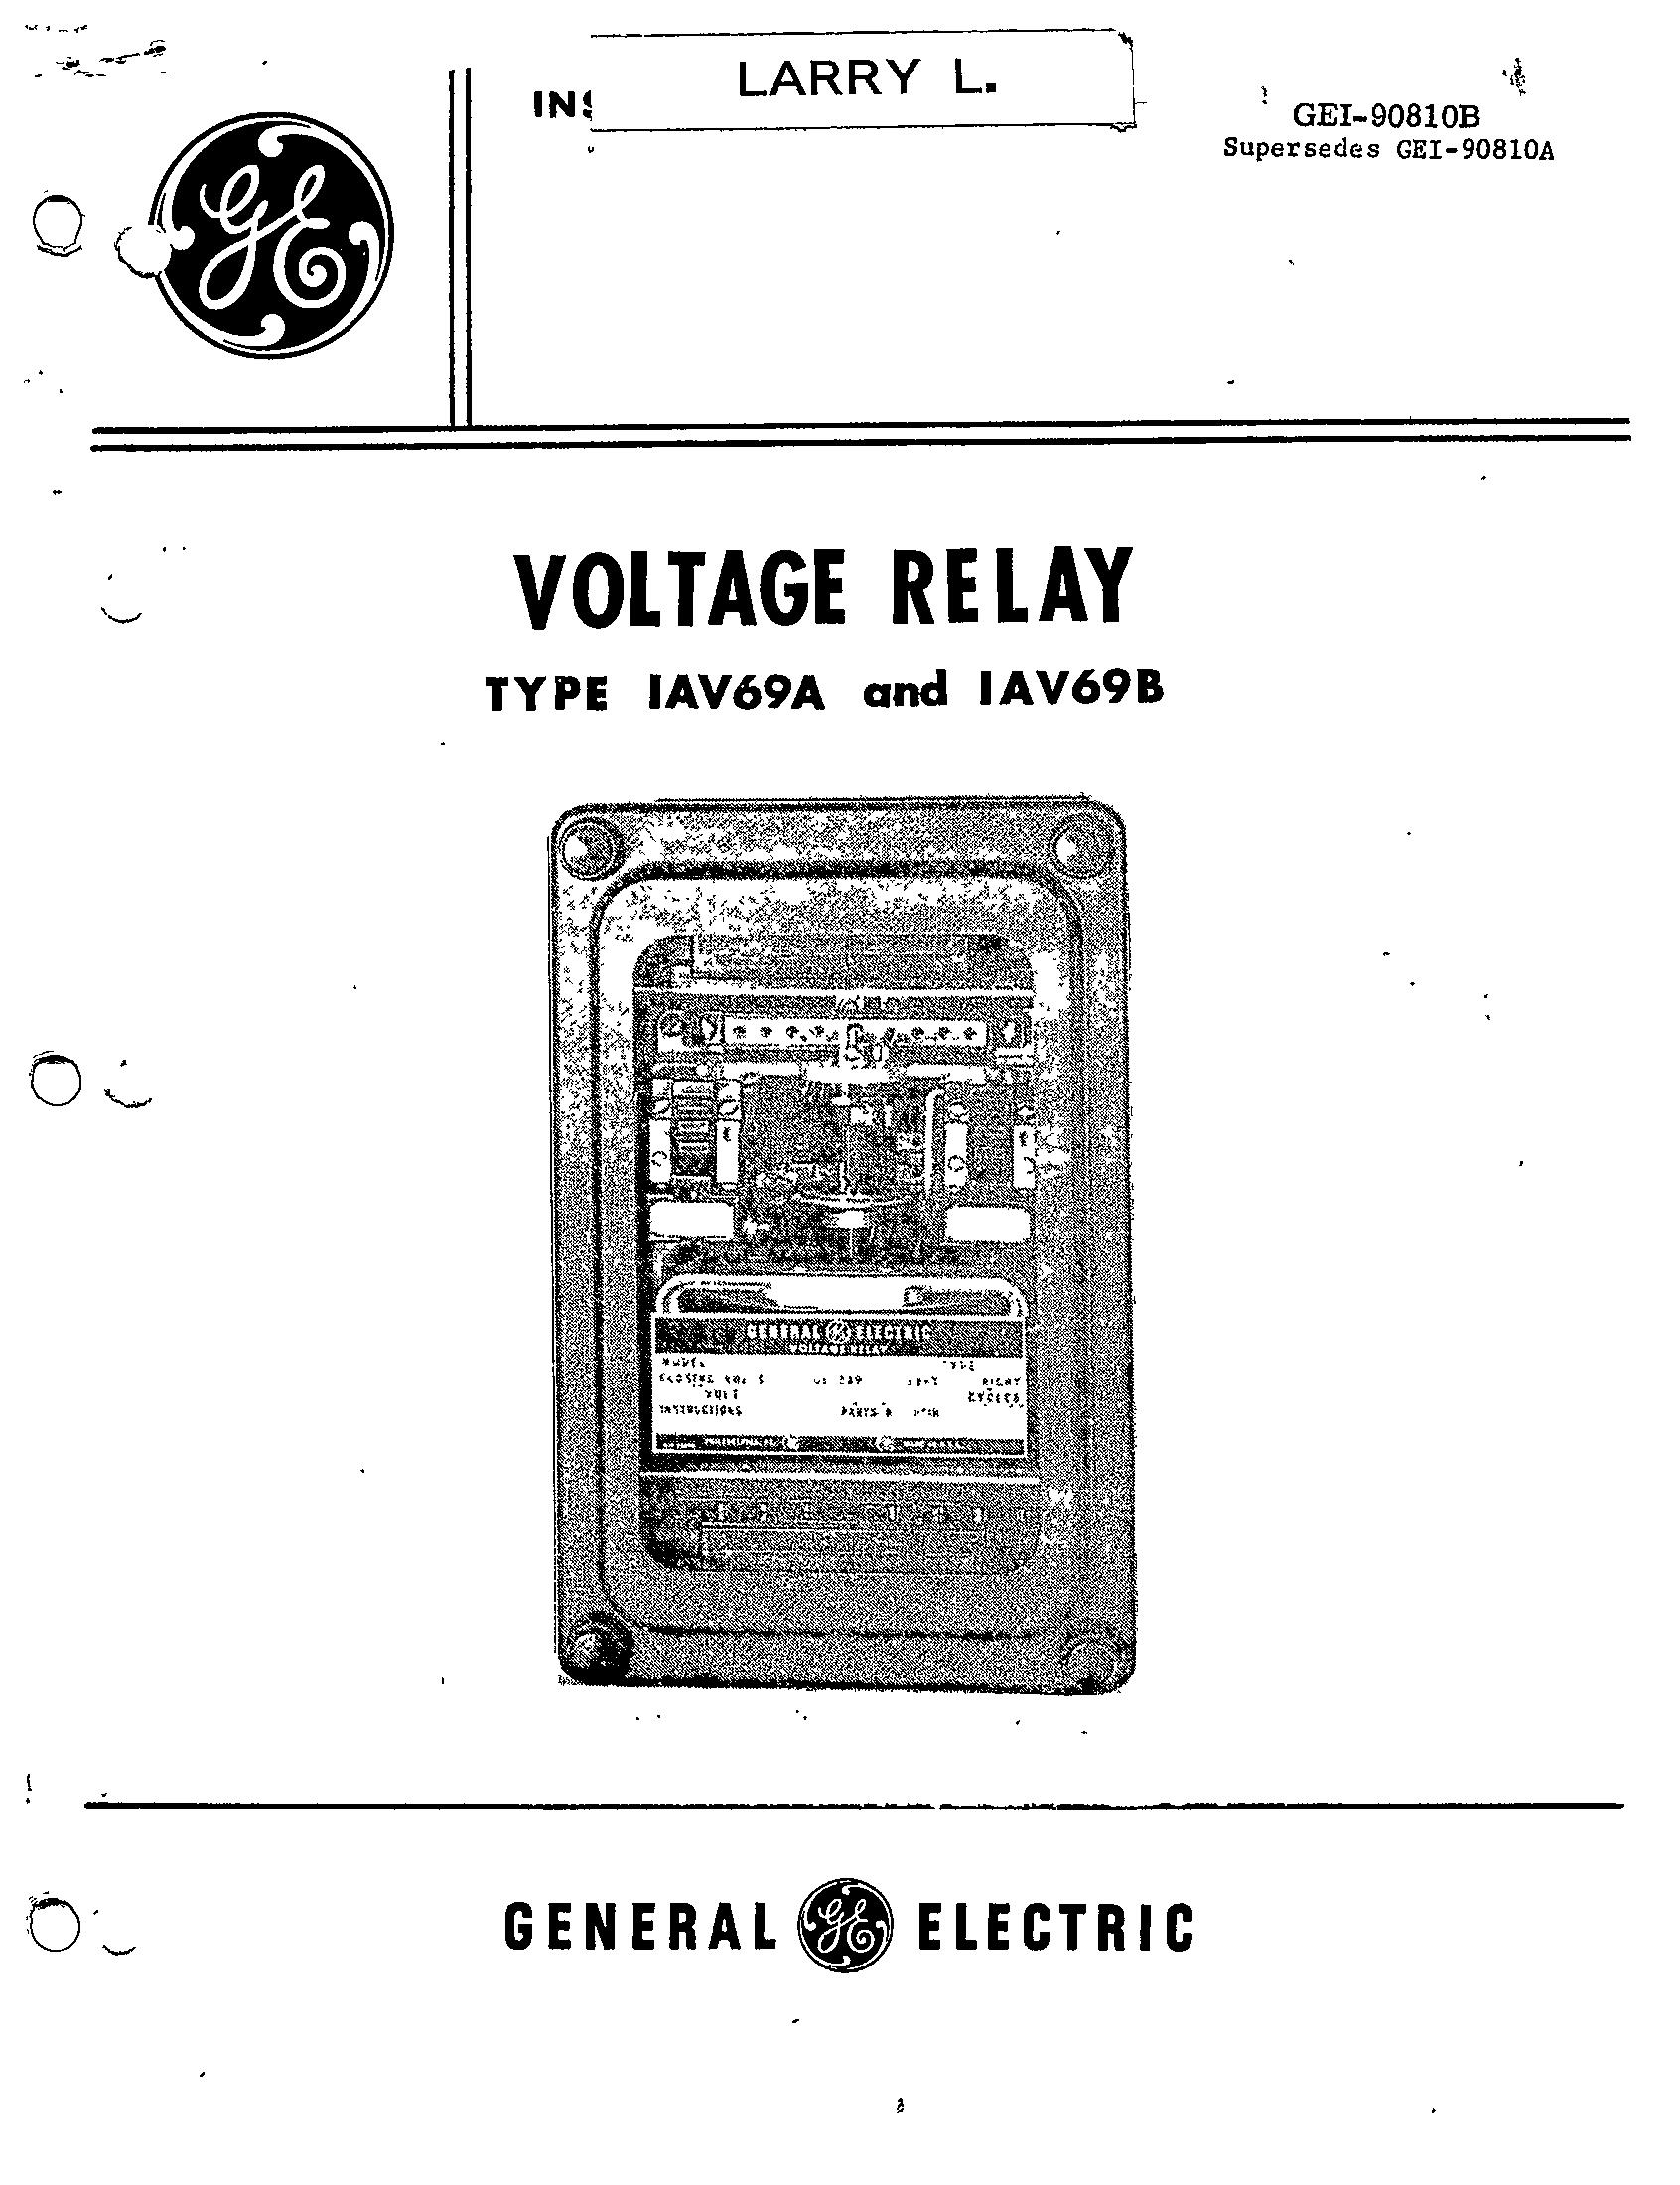 Gei B Voltage Relay Type Iav69a And Iav69b Manual